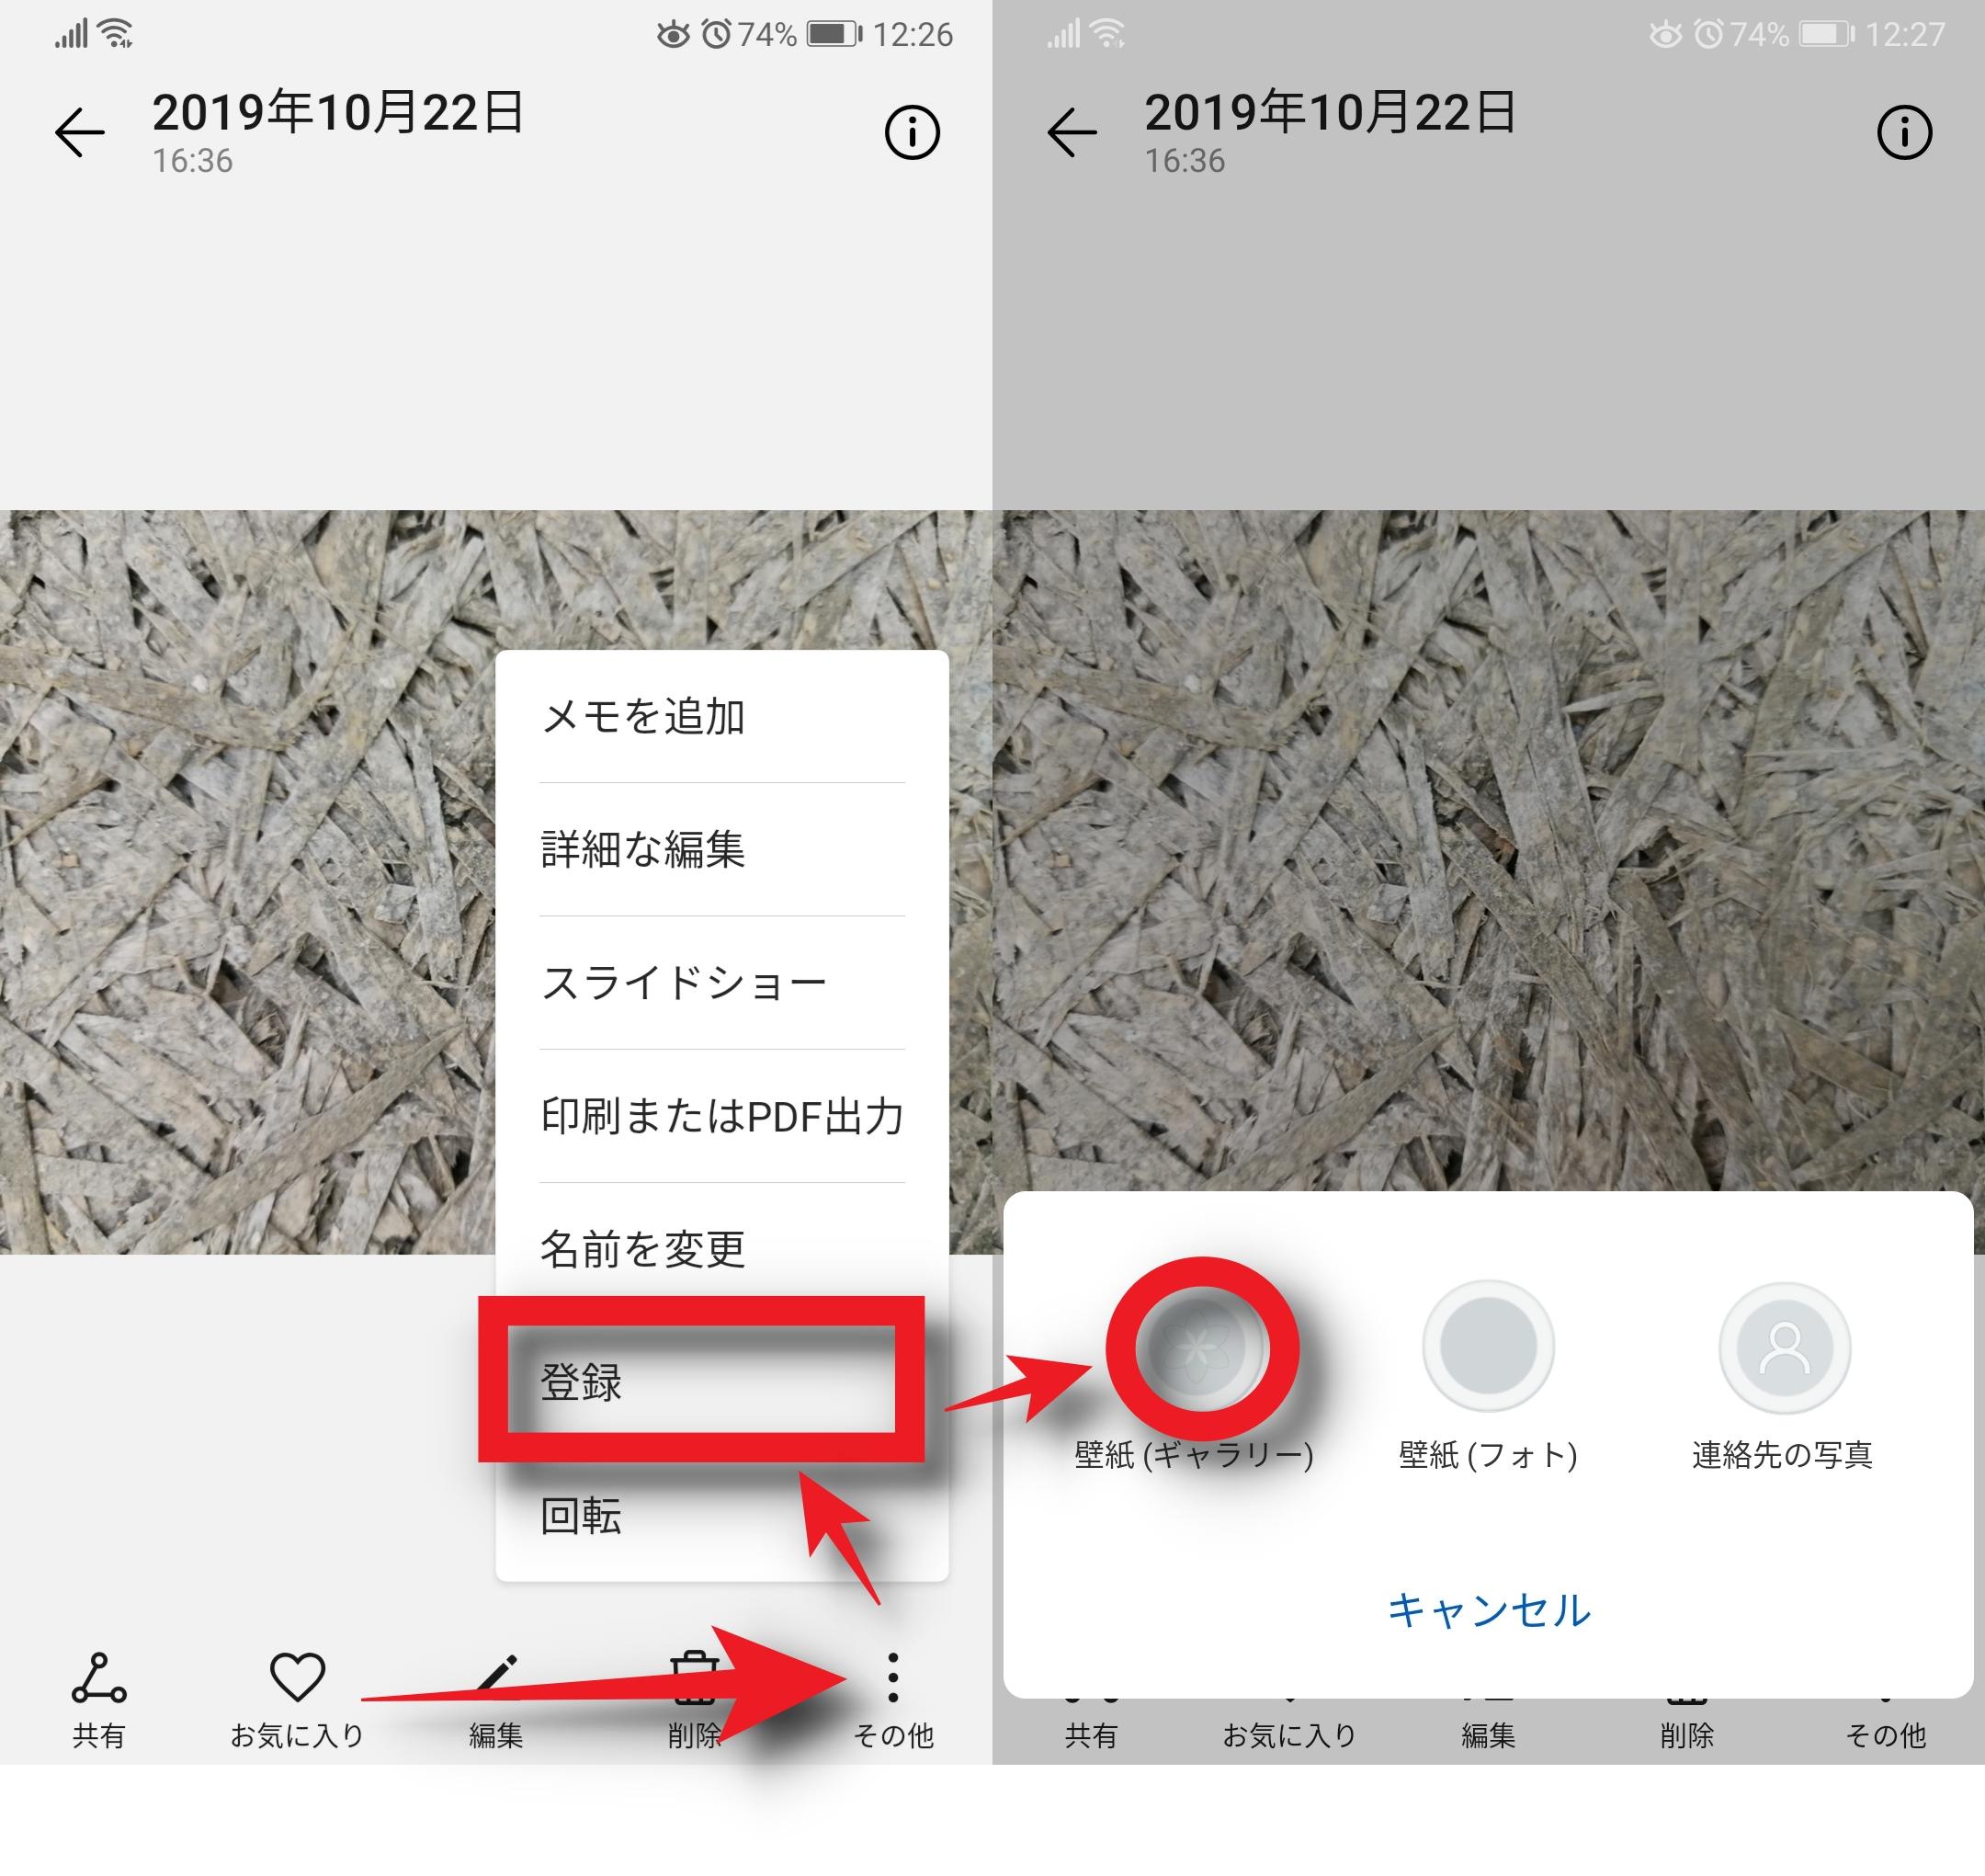 Androidユーザー必見 ロック画面の時計や壁紙のカスタマイズ方法